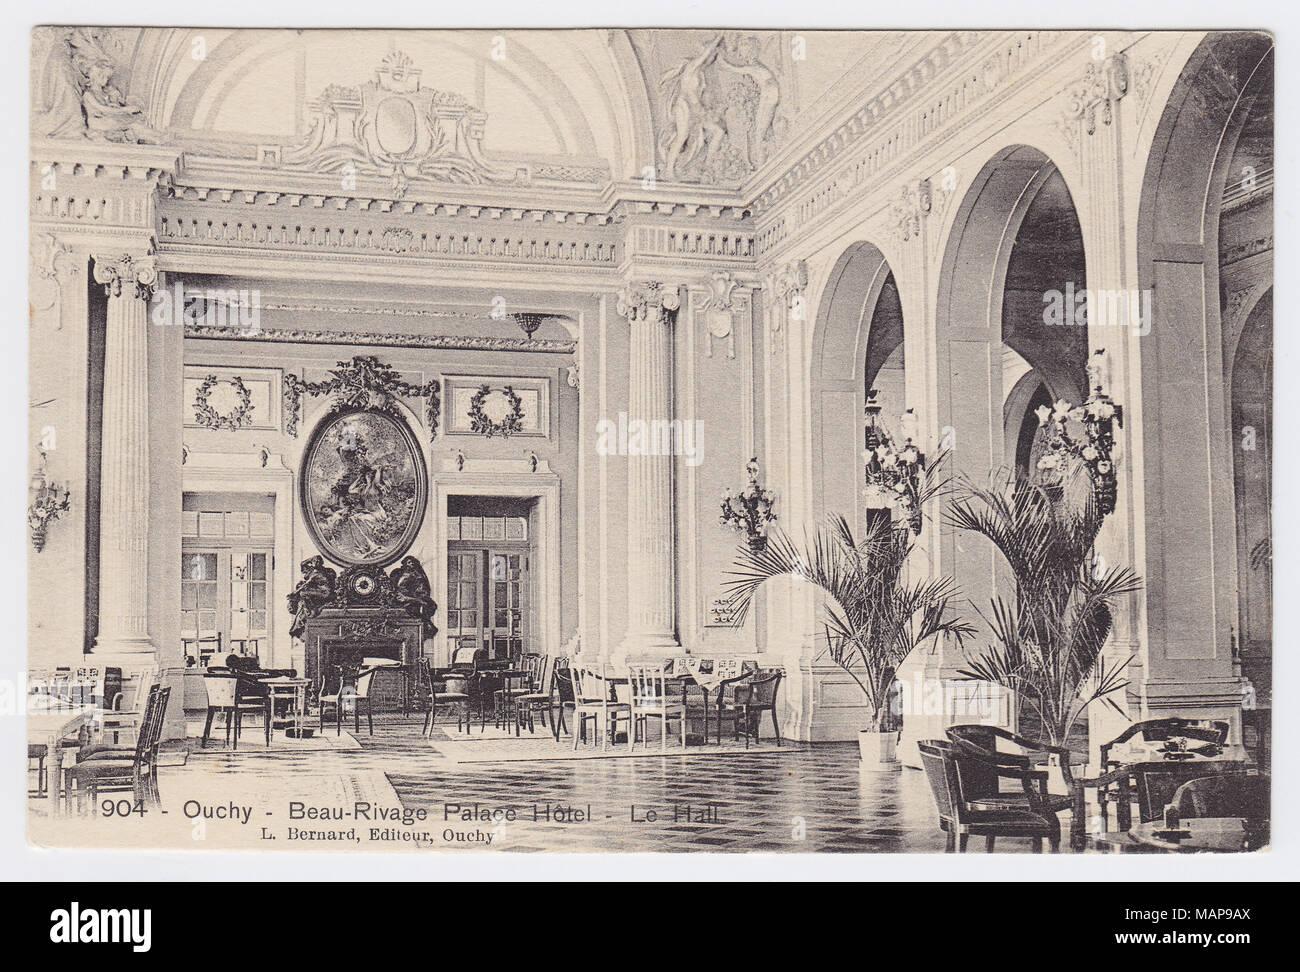 Beau-Rivage Palace, Lausanne, Switzerland, Hall - Stock Image